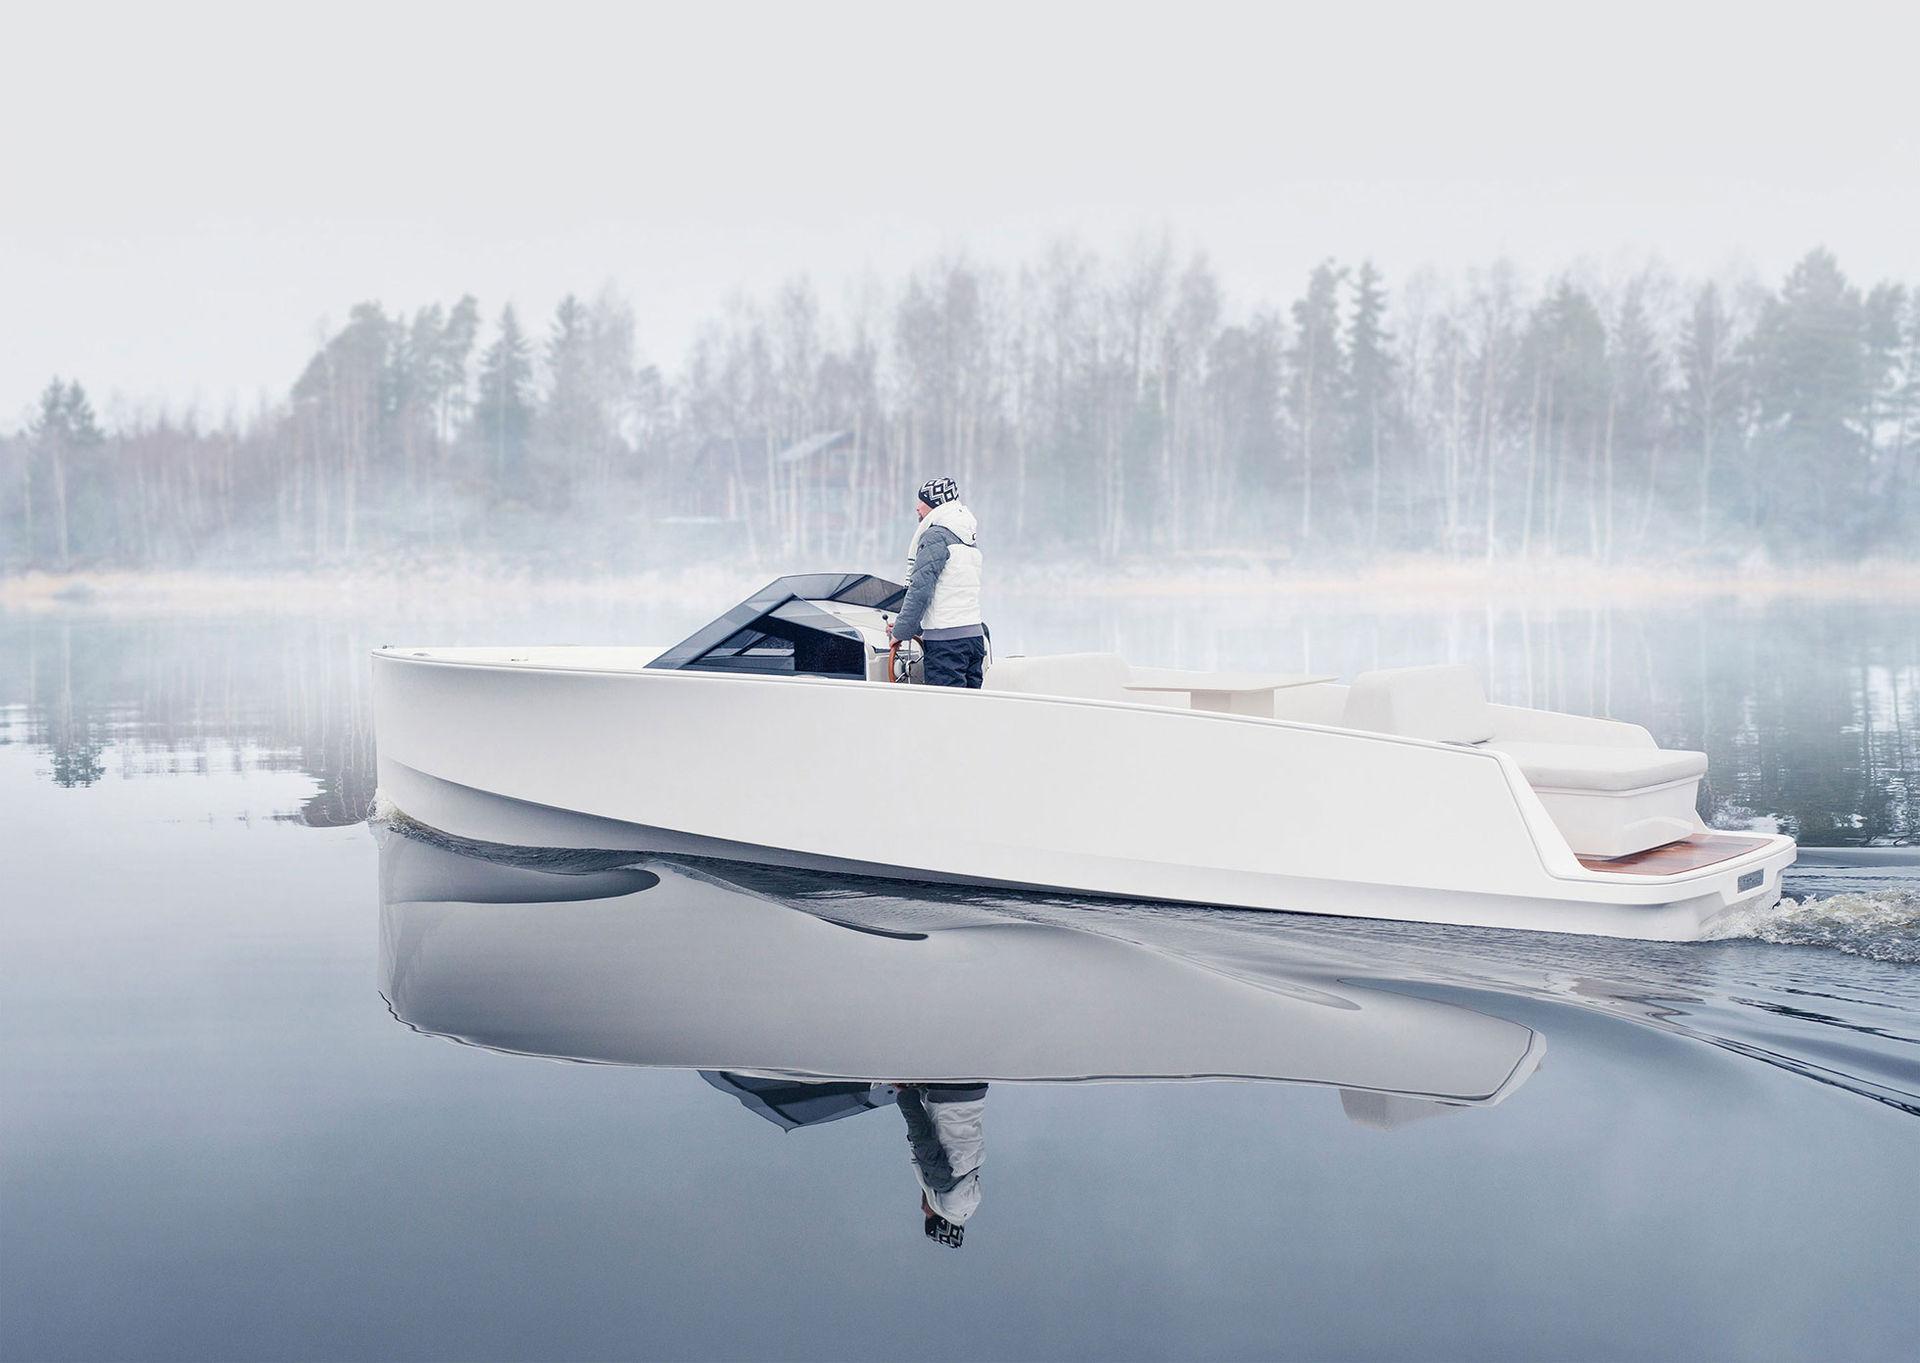 En otroligt snygg och eldriven motorbåt